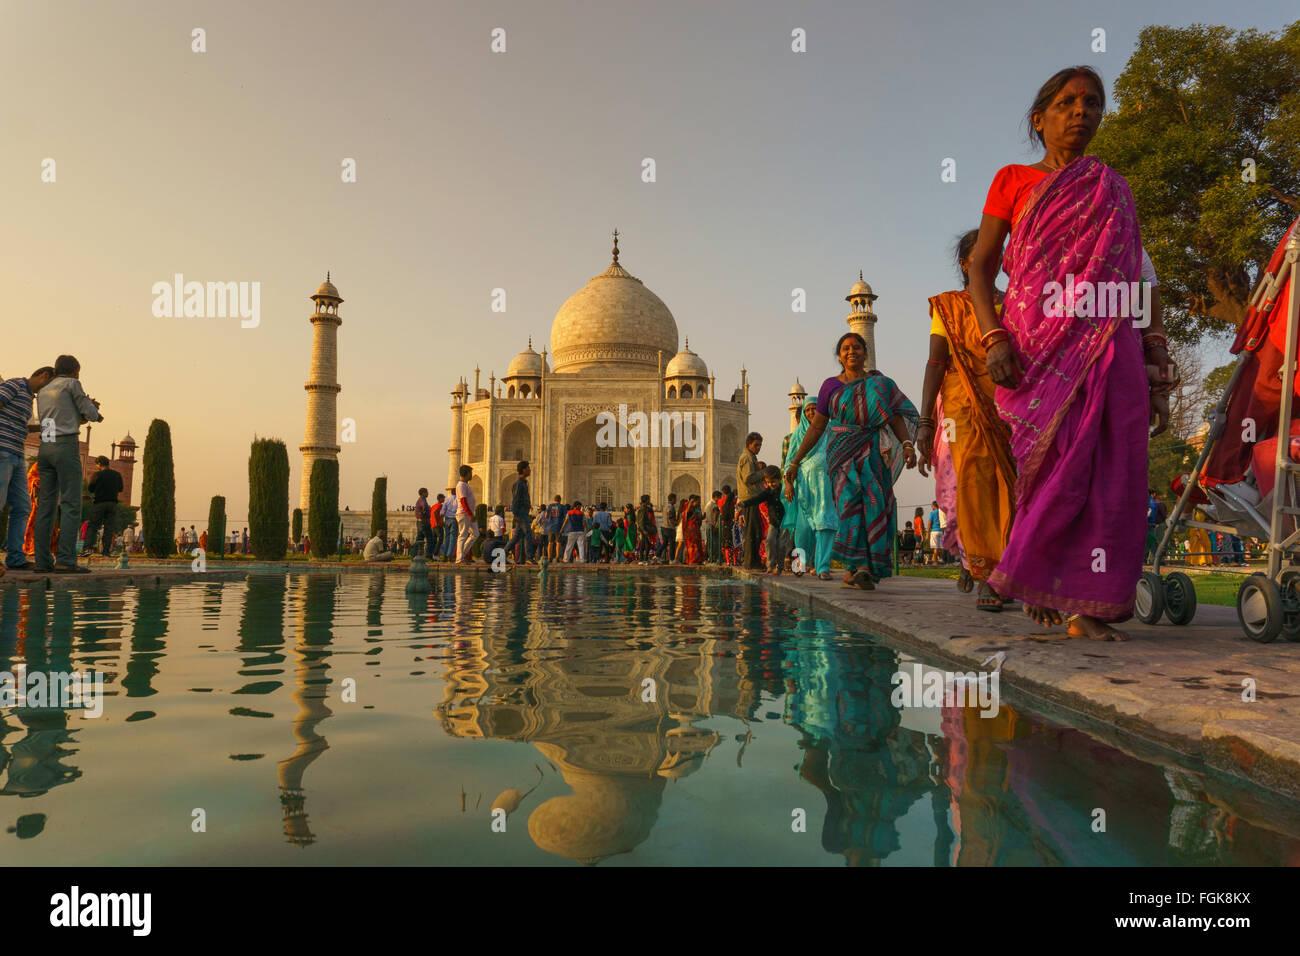 El Taj Mahal, un mausoleo de mármol blanco en Agra, India. Imagen De Stock